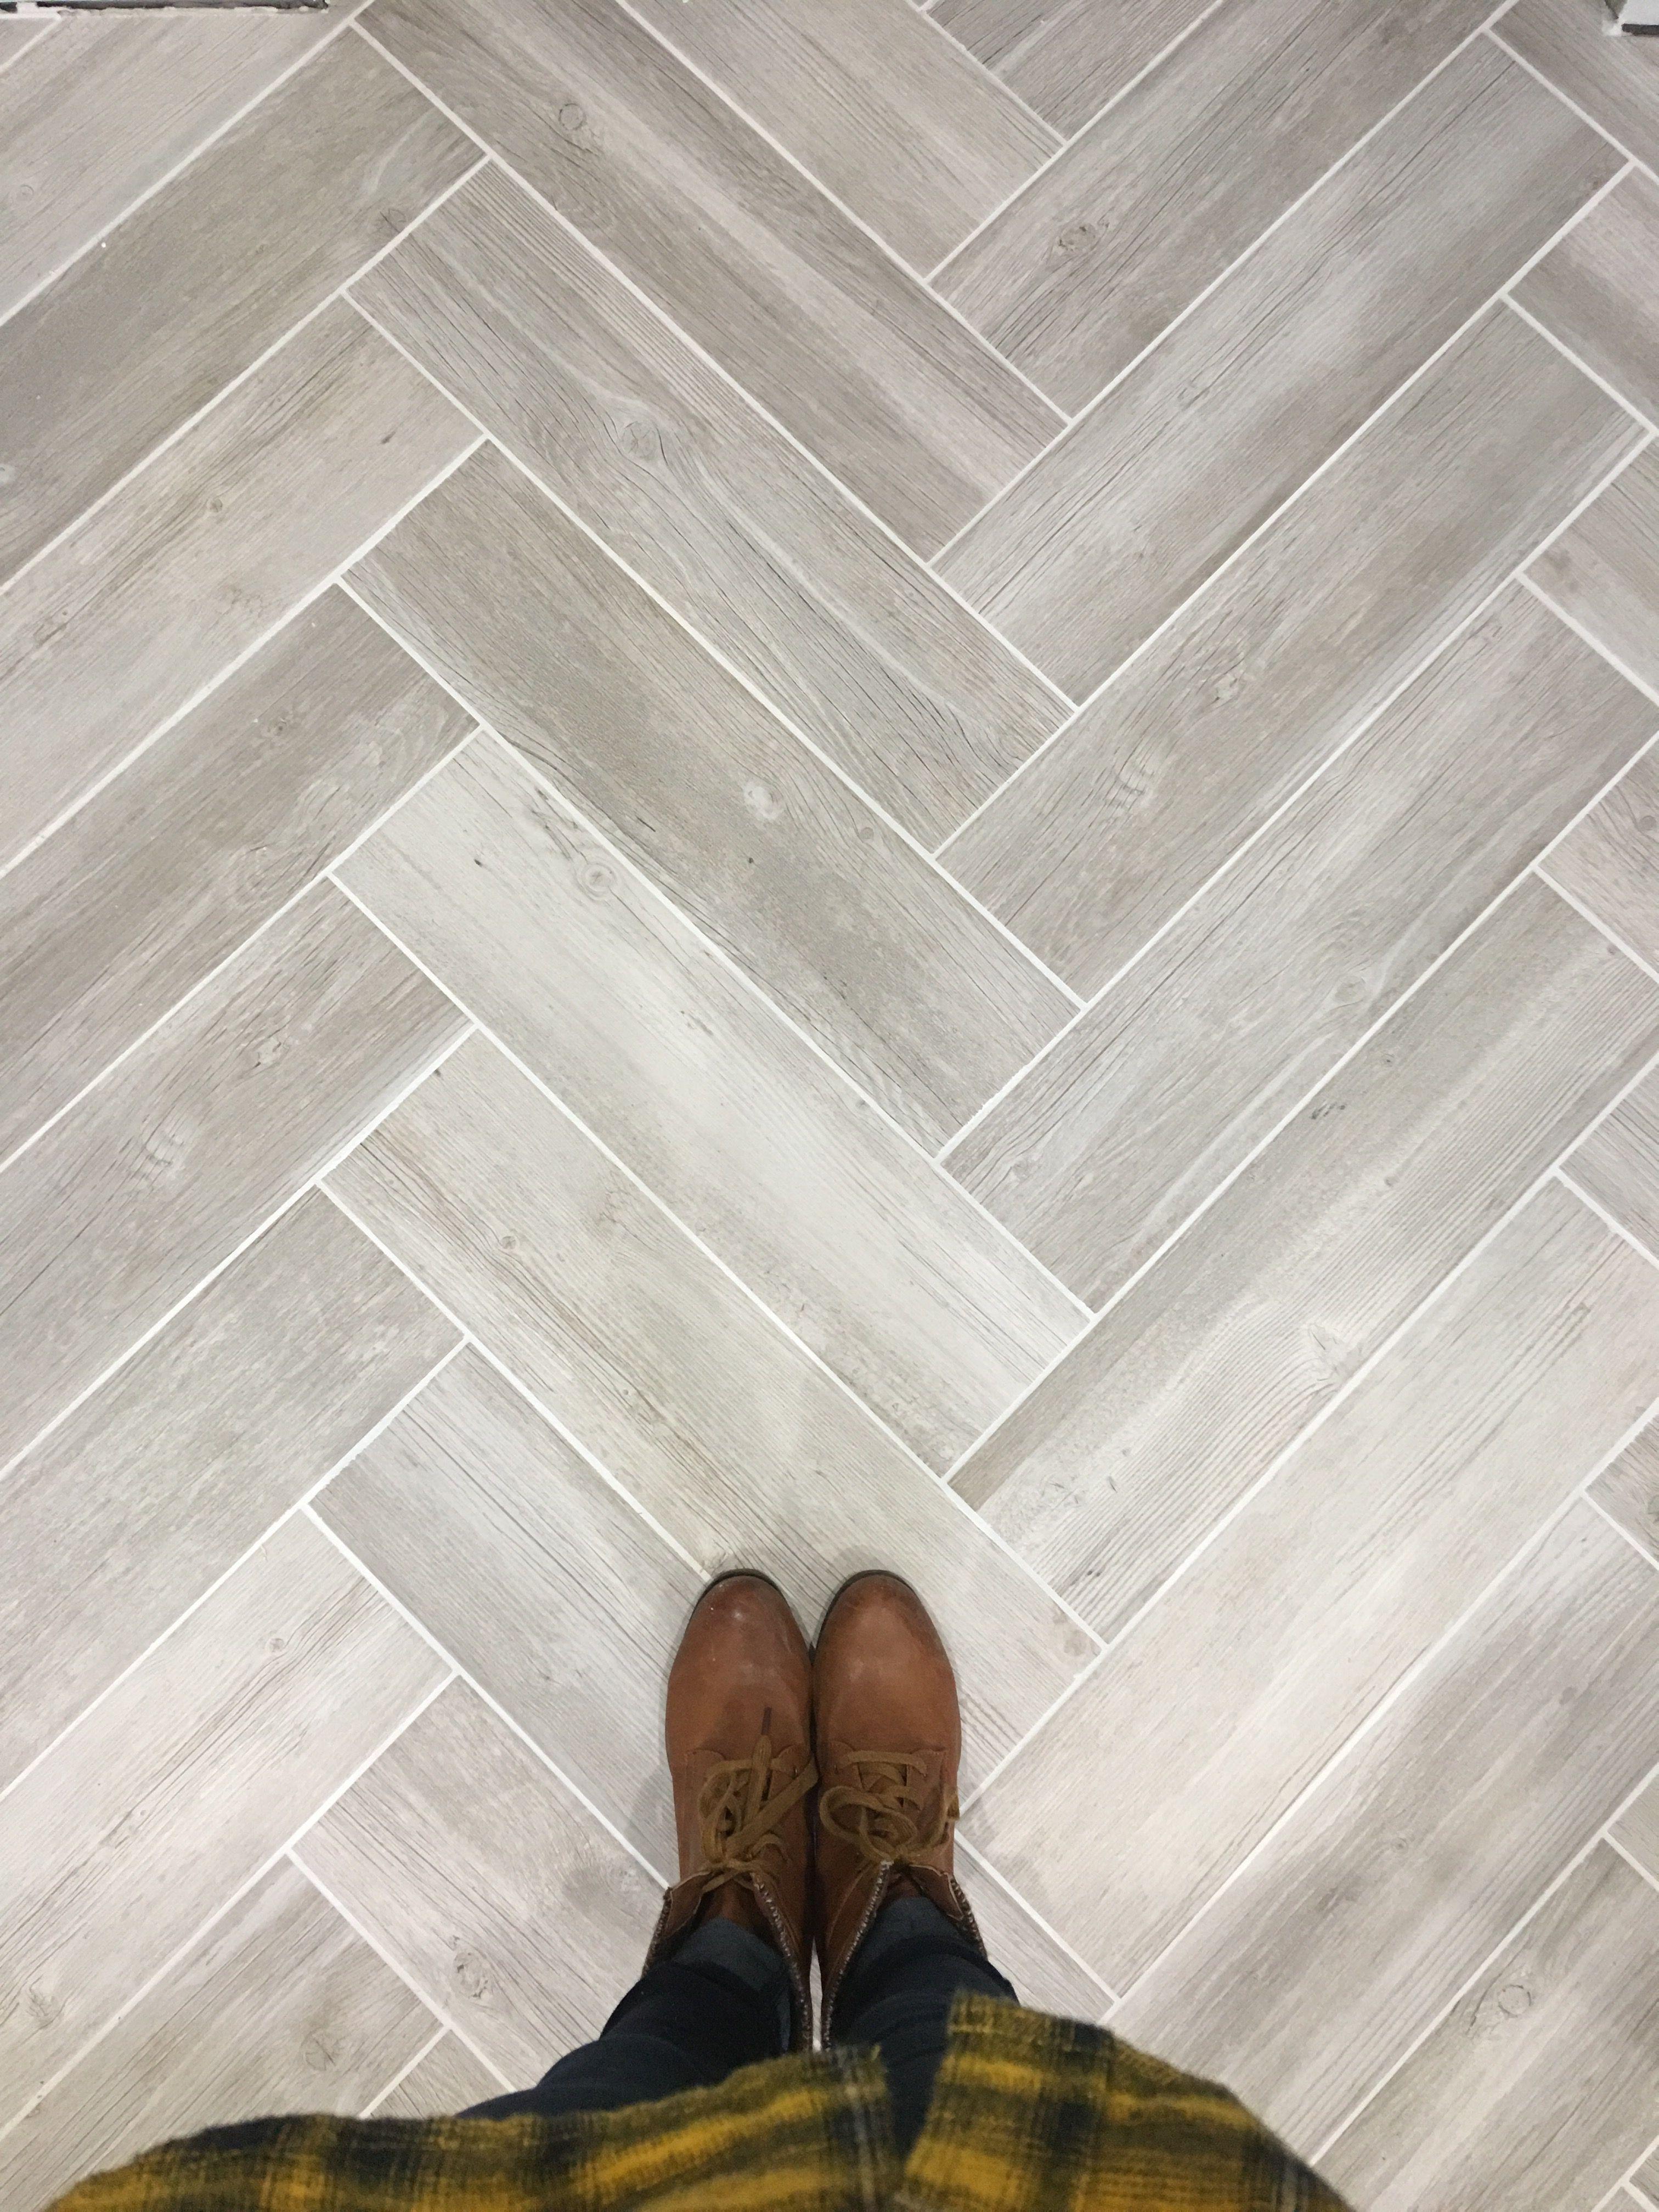 Lowe's vintage gray wood look tile in herringbone pattern